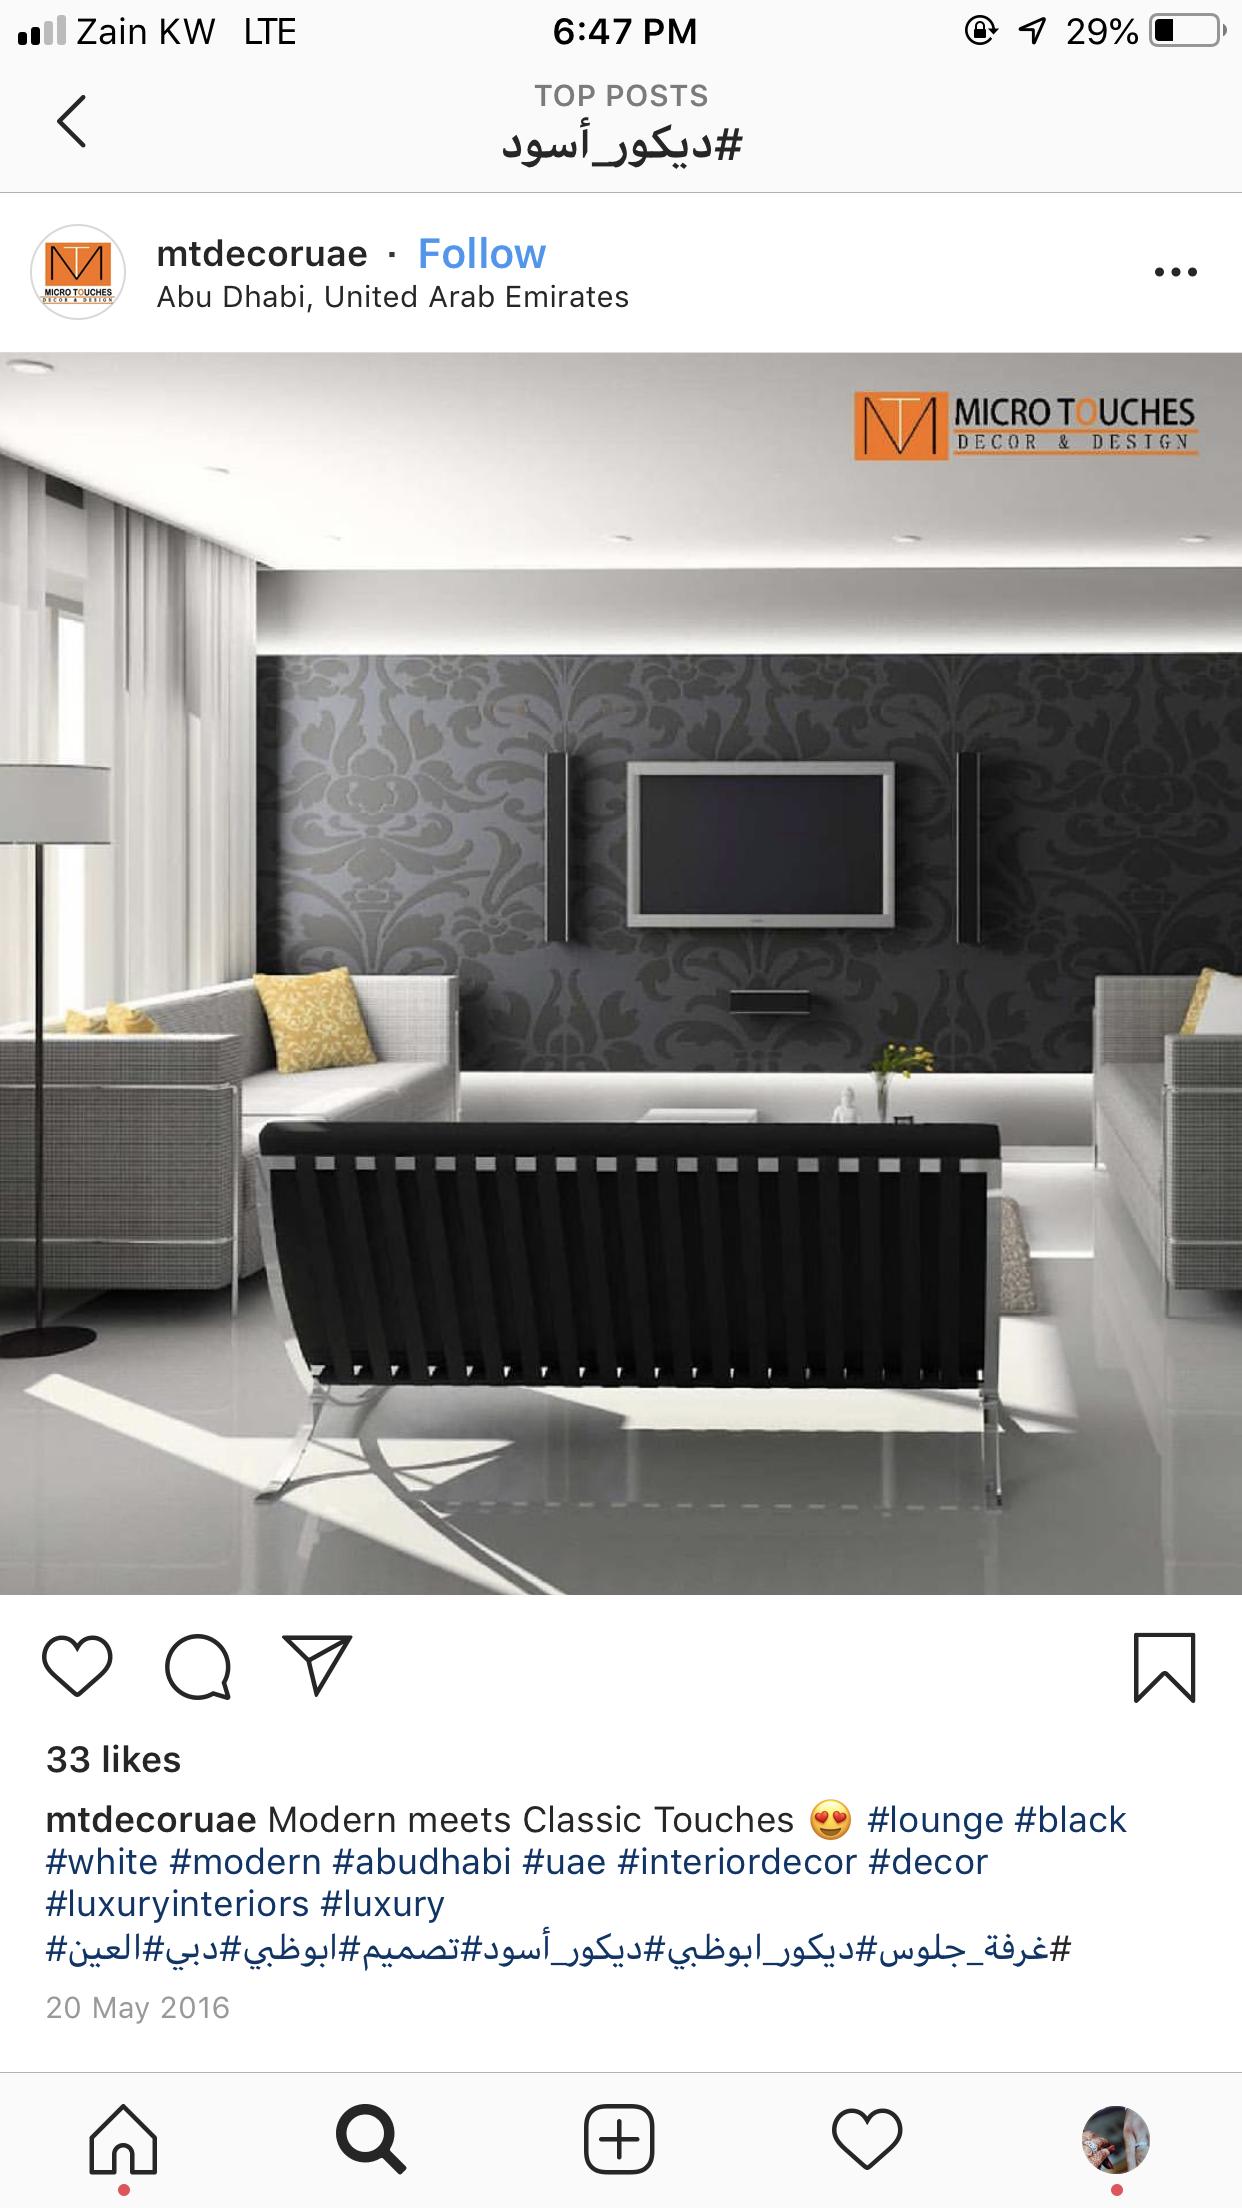 غرفة جلوس Luxury Interior Decor Design Decor